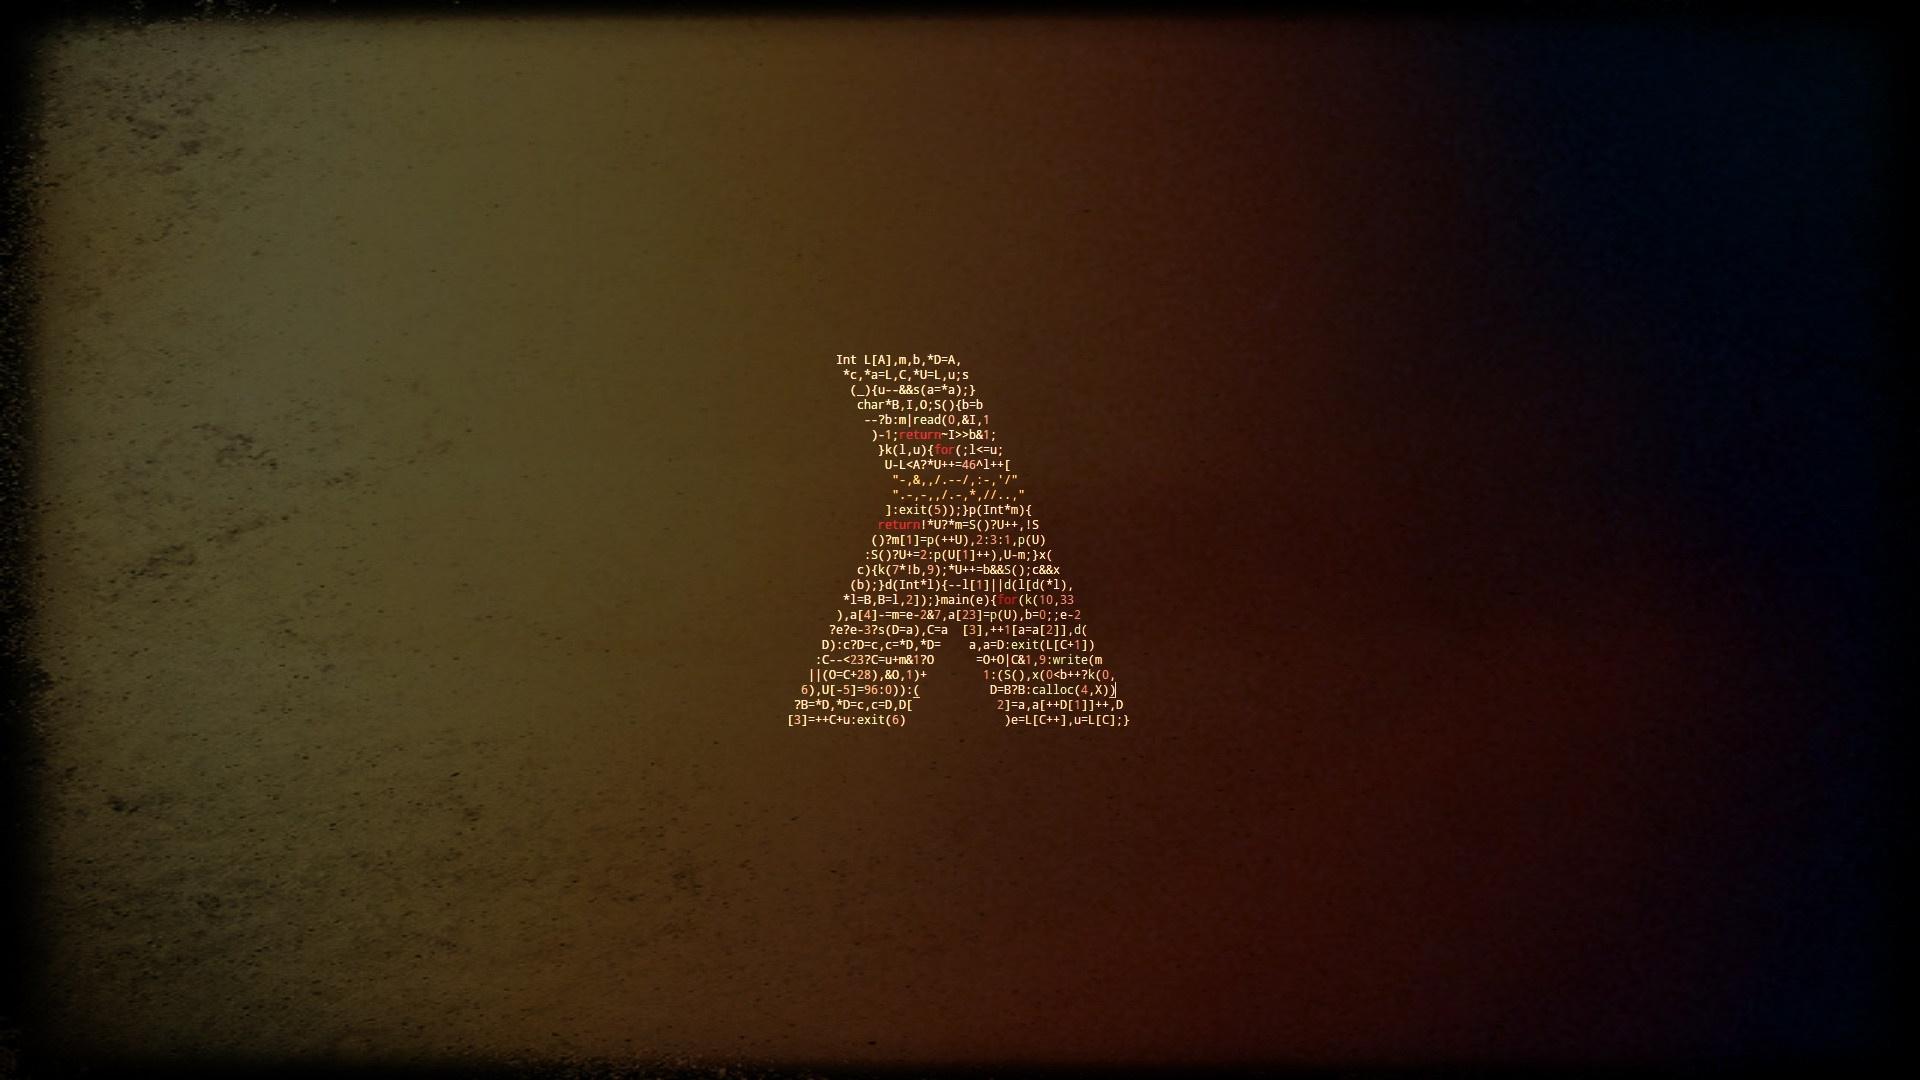 Programming Minimalist hd desktop wallpaper